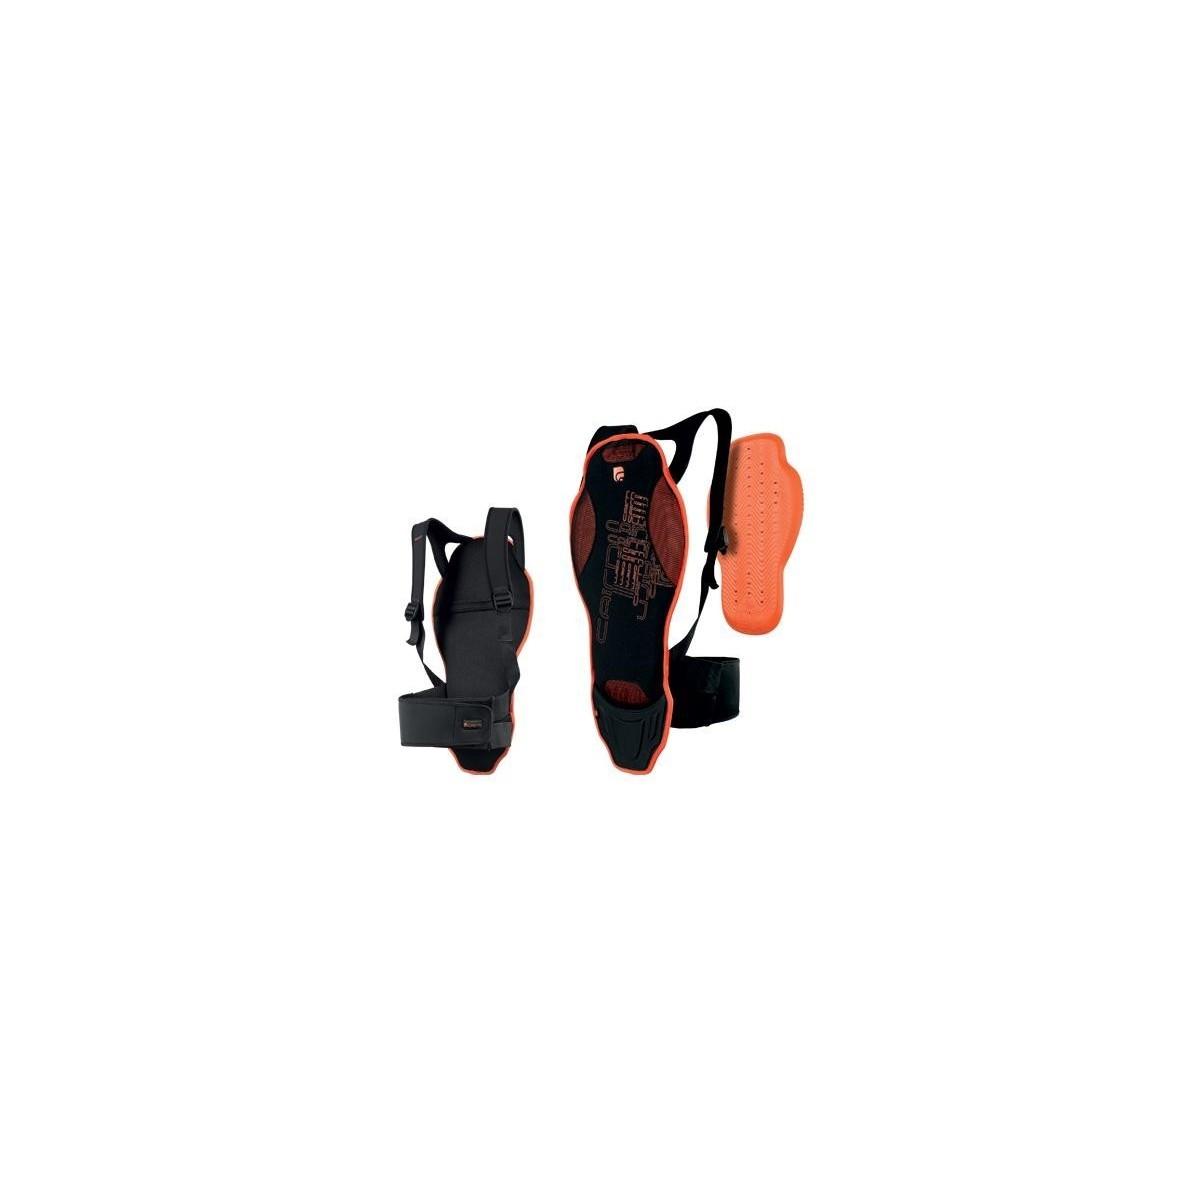 dorsale moto cairn pro impakt d3o moto. Black Bedroom Furniture Sets. Home Design Ideas